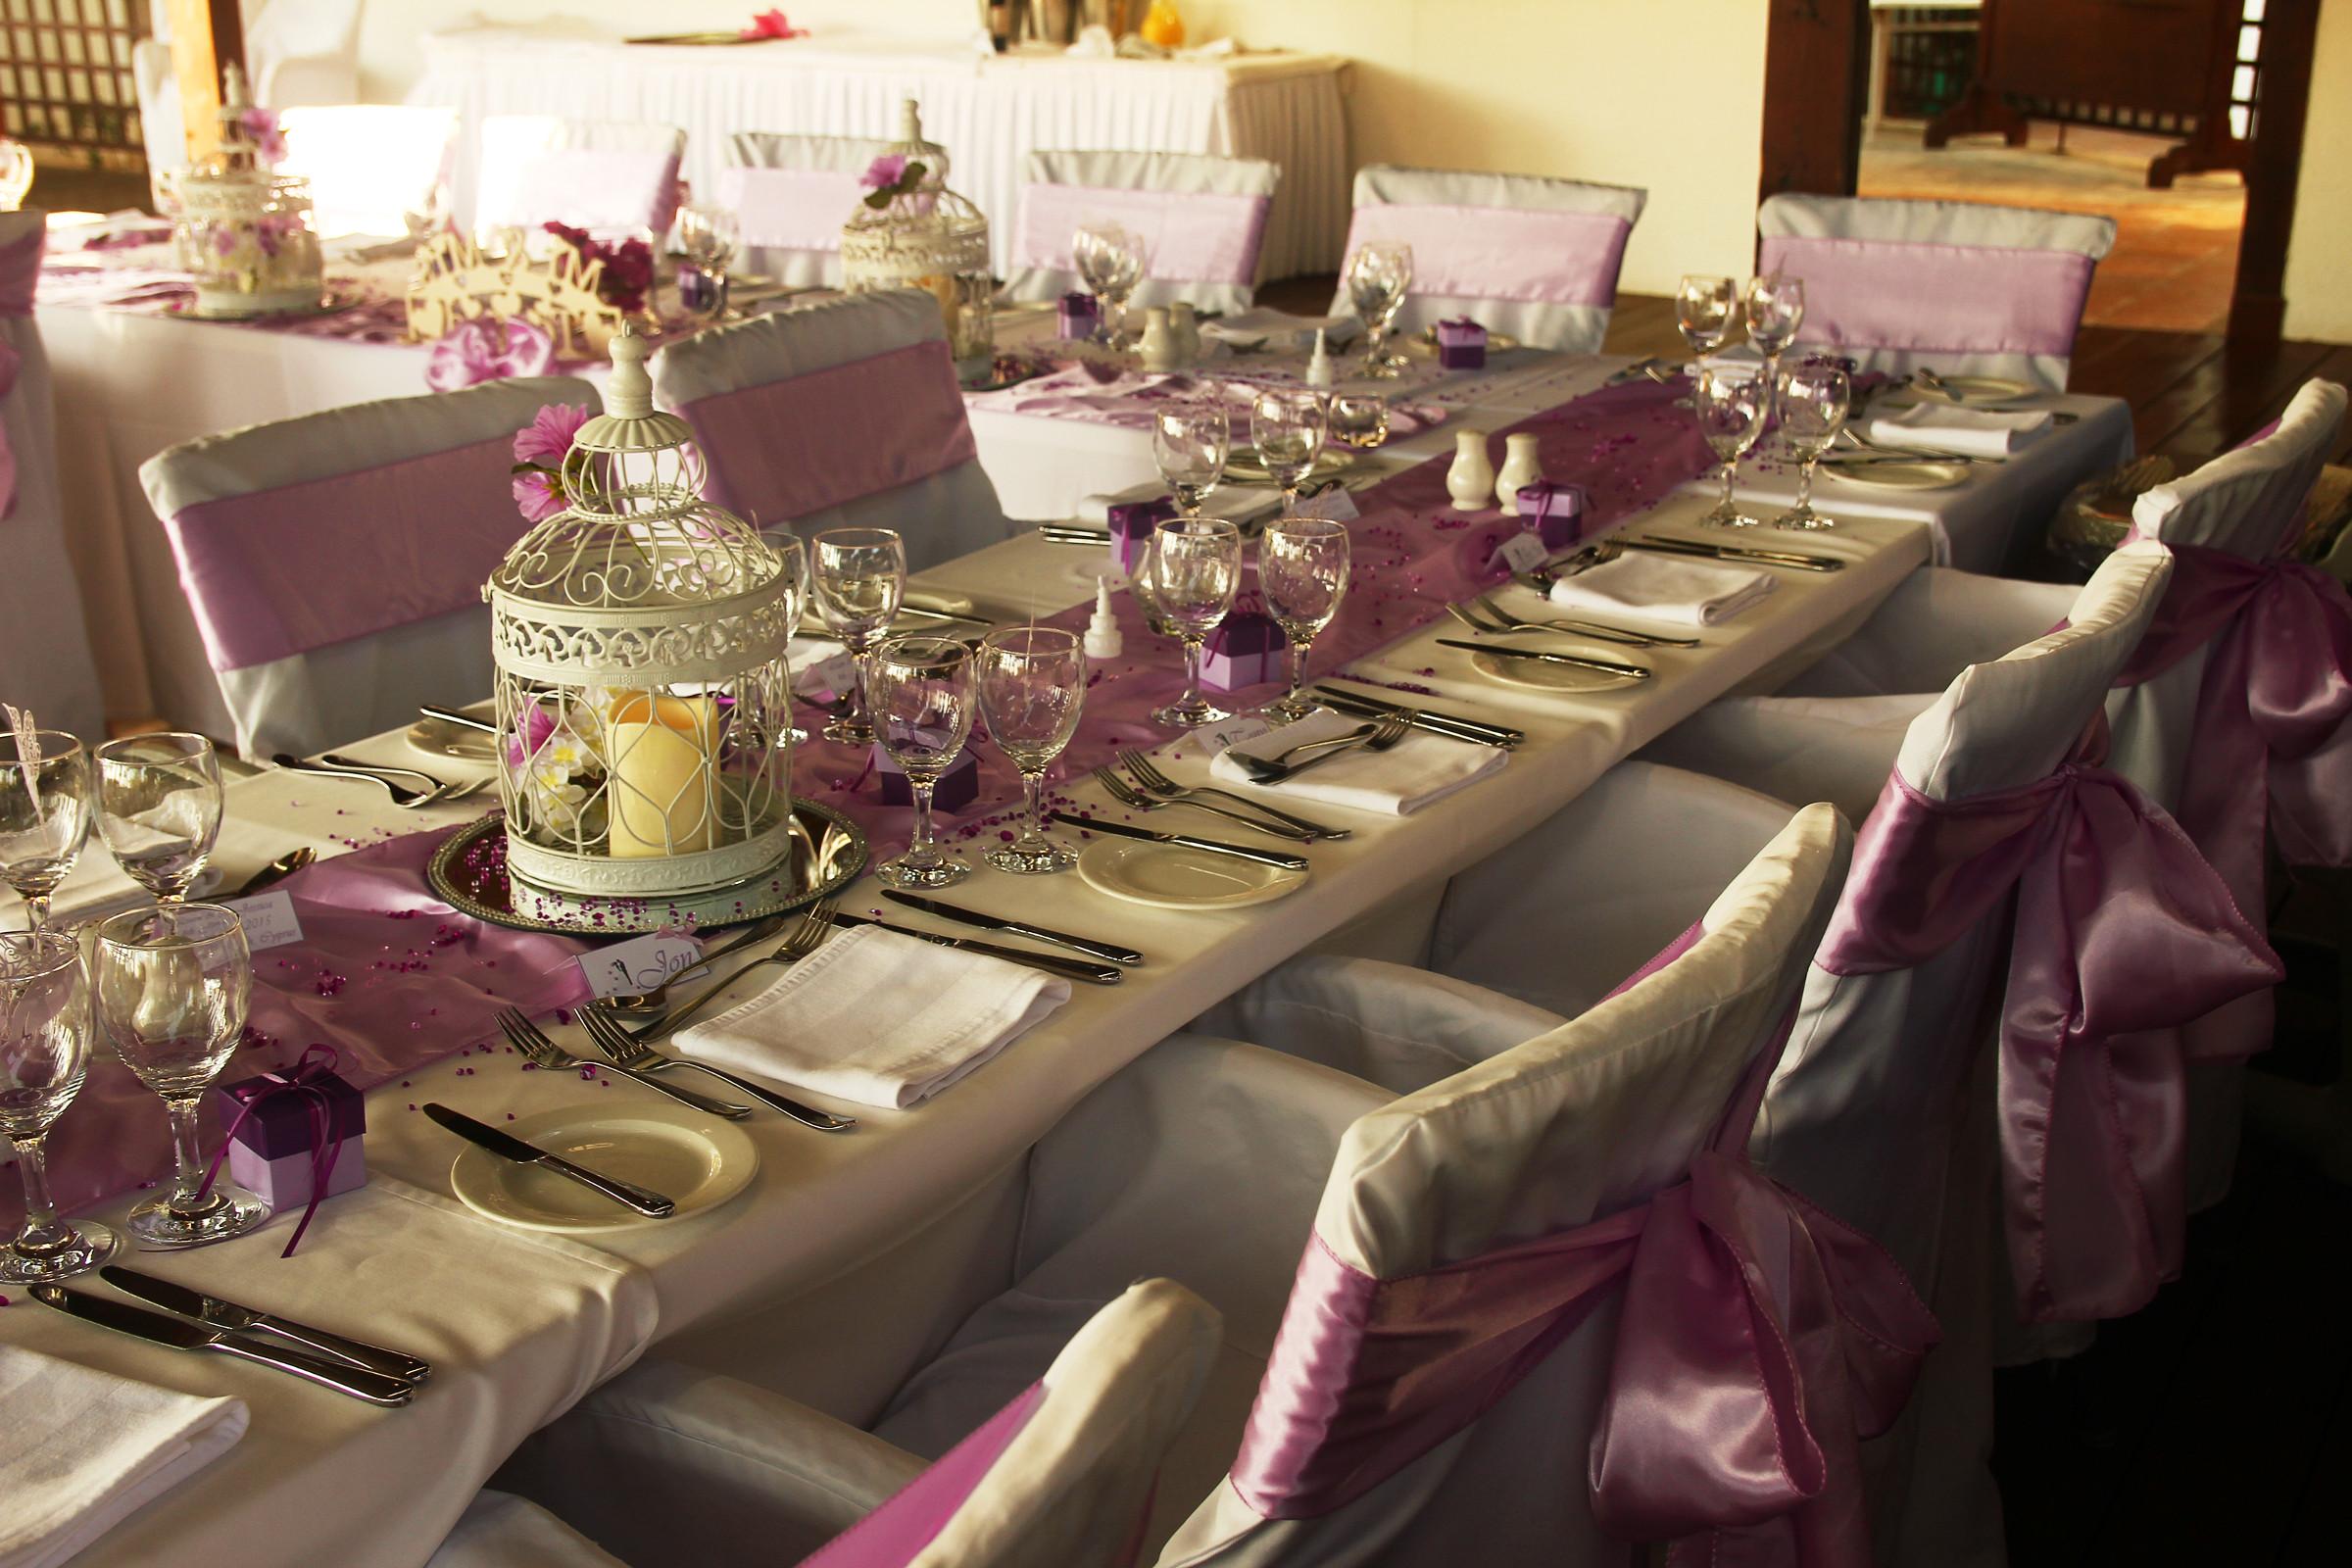 Hochzeit-tischdekoration-Lilla_1